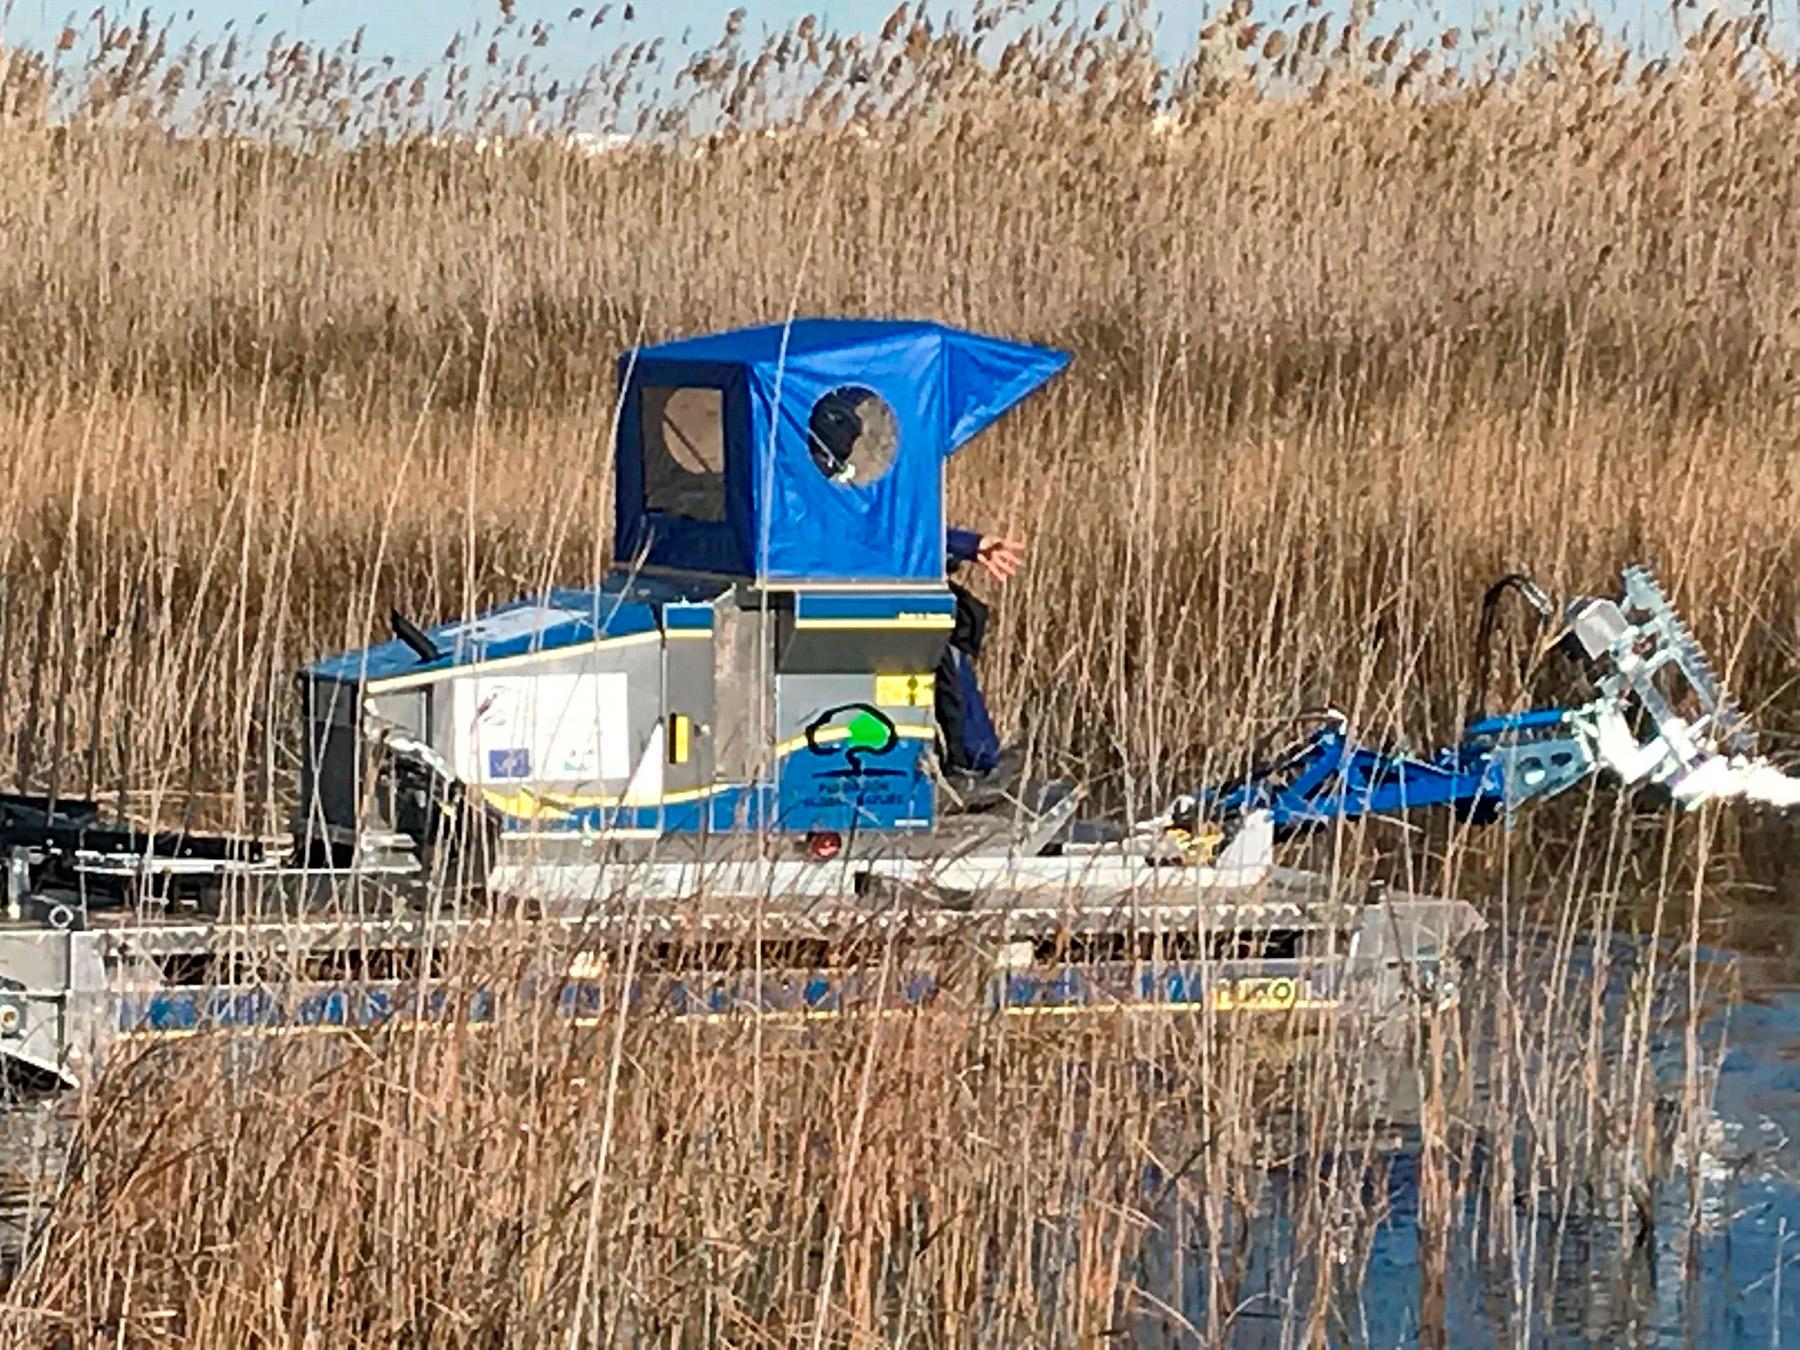 Presentación de la máquina anfibia para la conservación de los humedales, el hábitat migratorio del carricerín cejudo